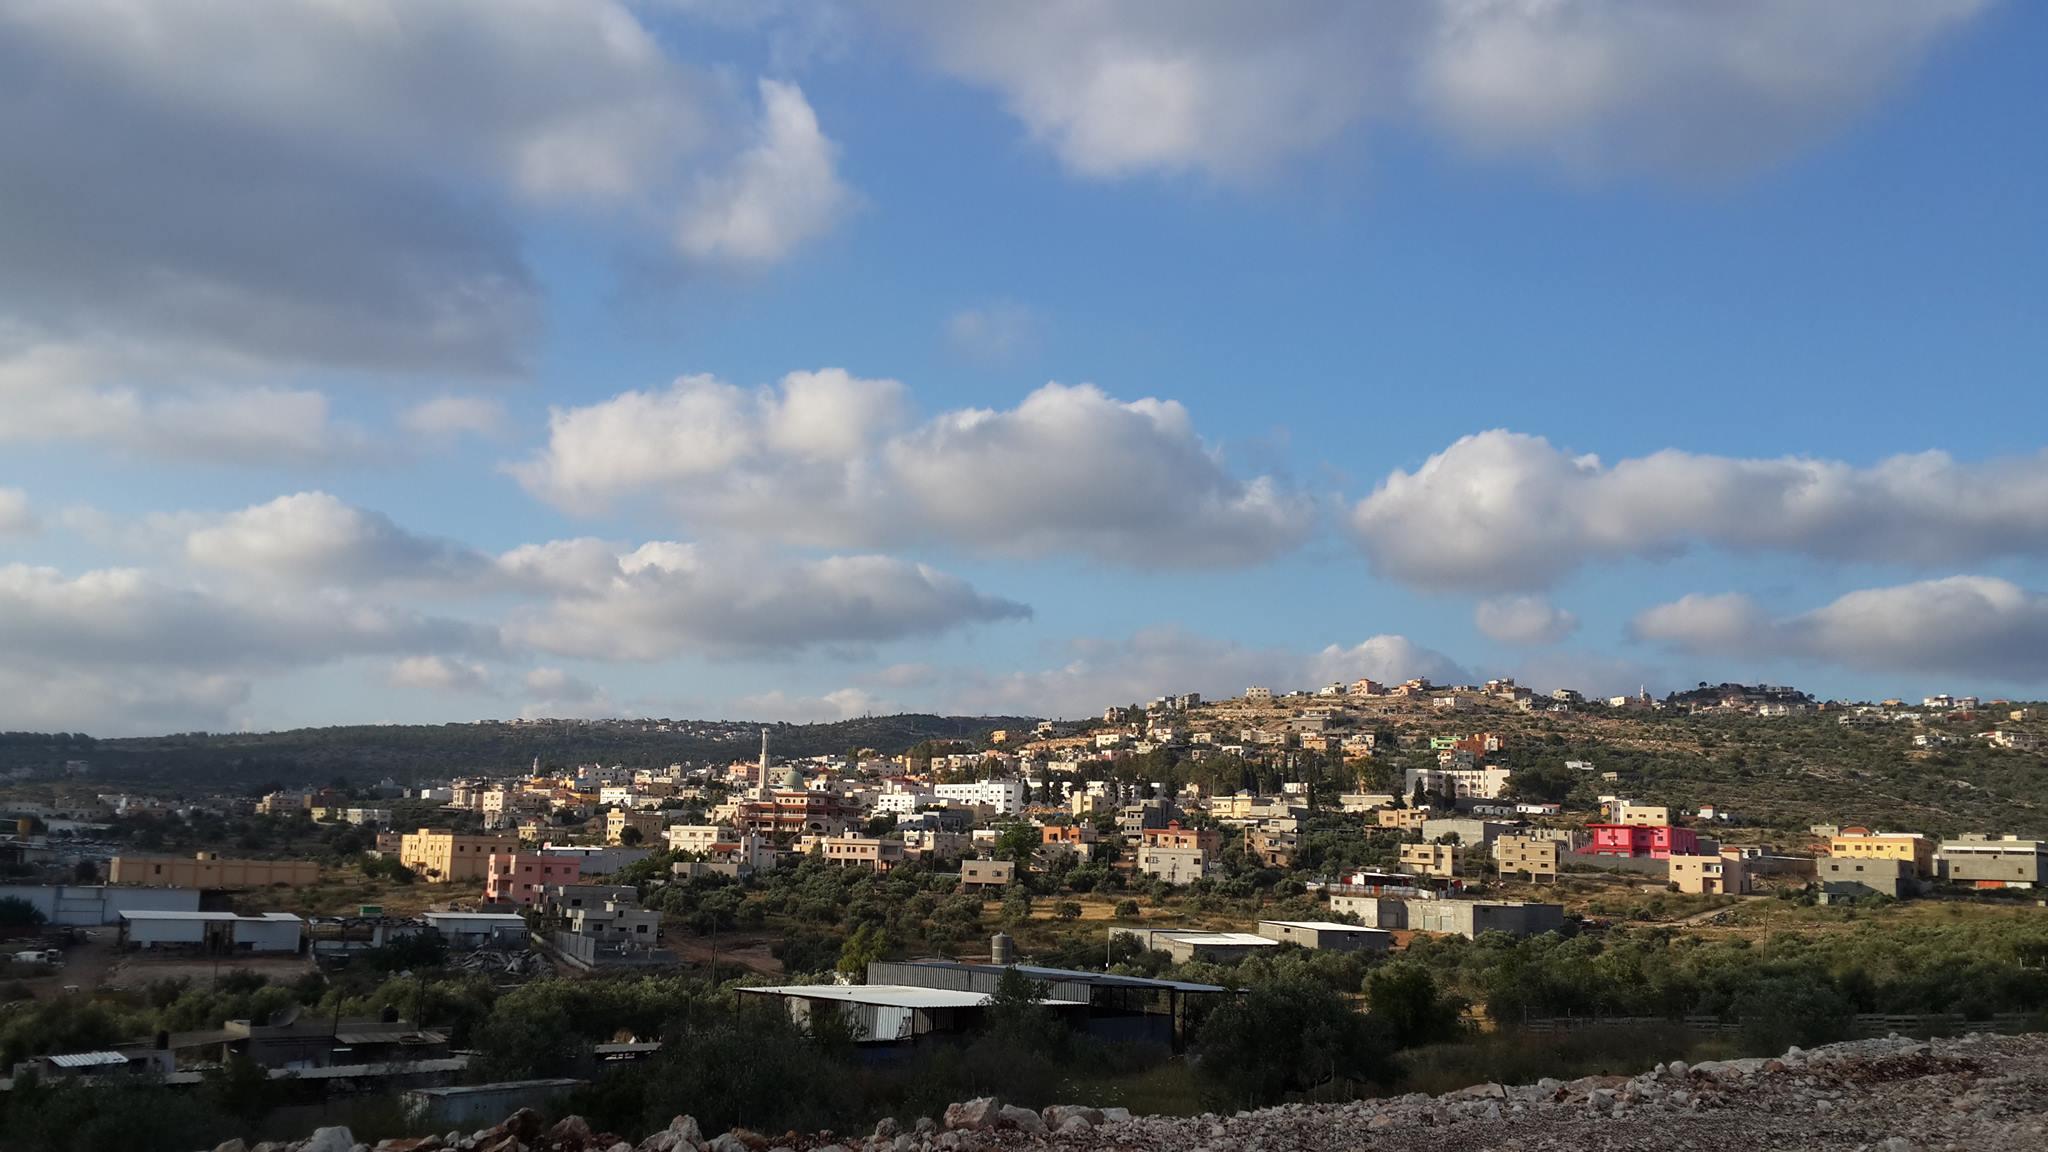 صورة من الجهة الجنوبية